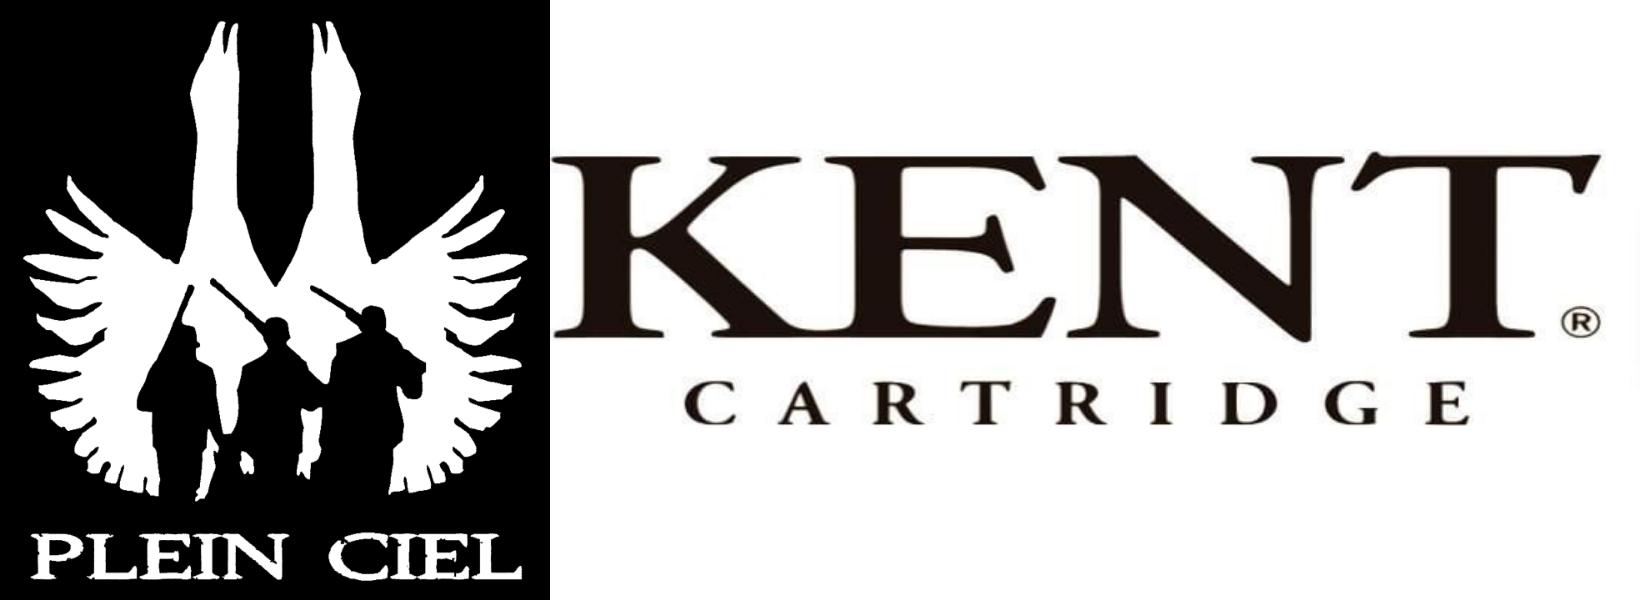 pourvoirie plein ciel et Kent cartraidge logo